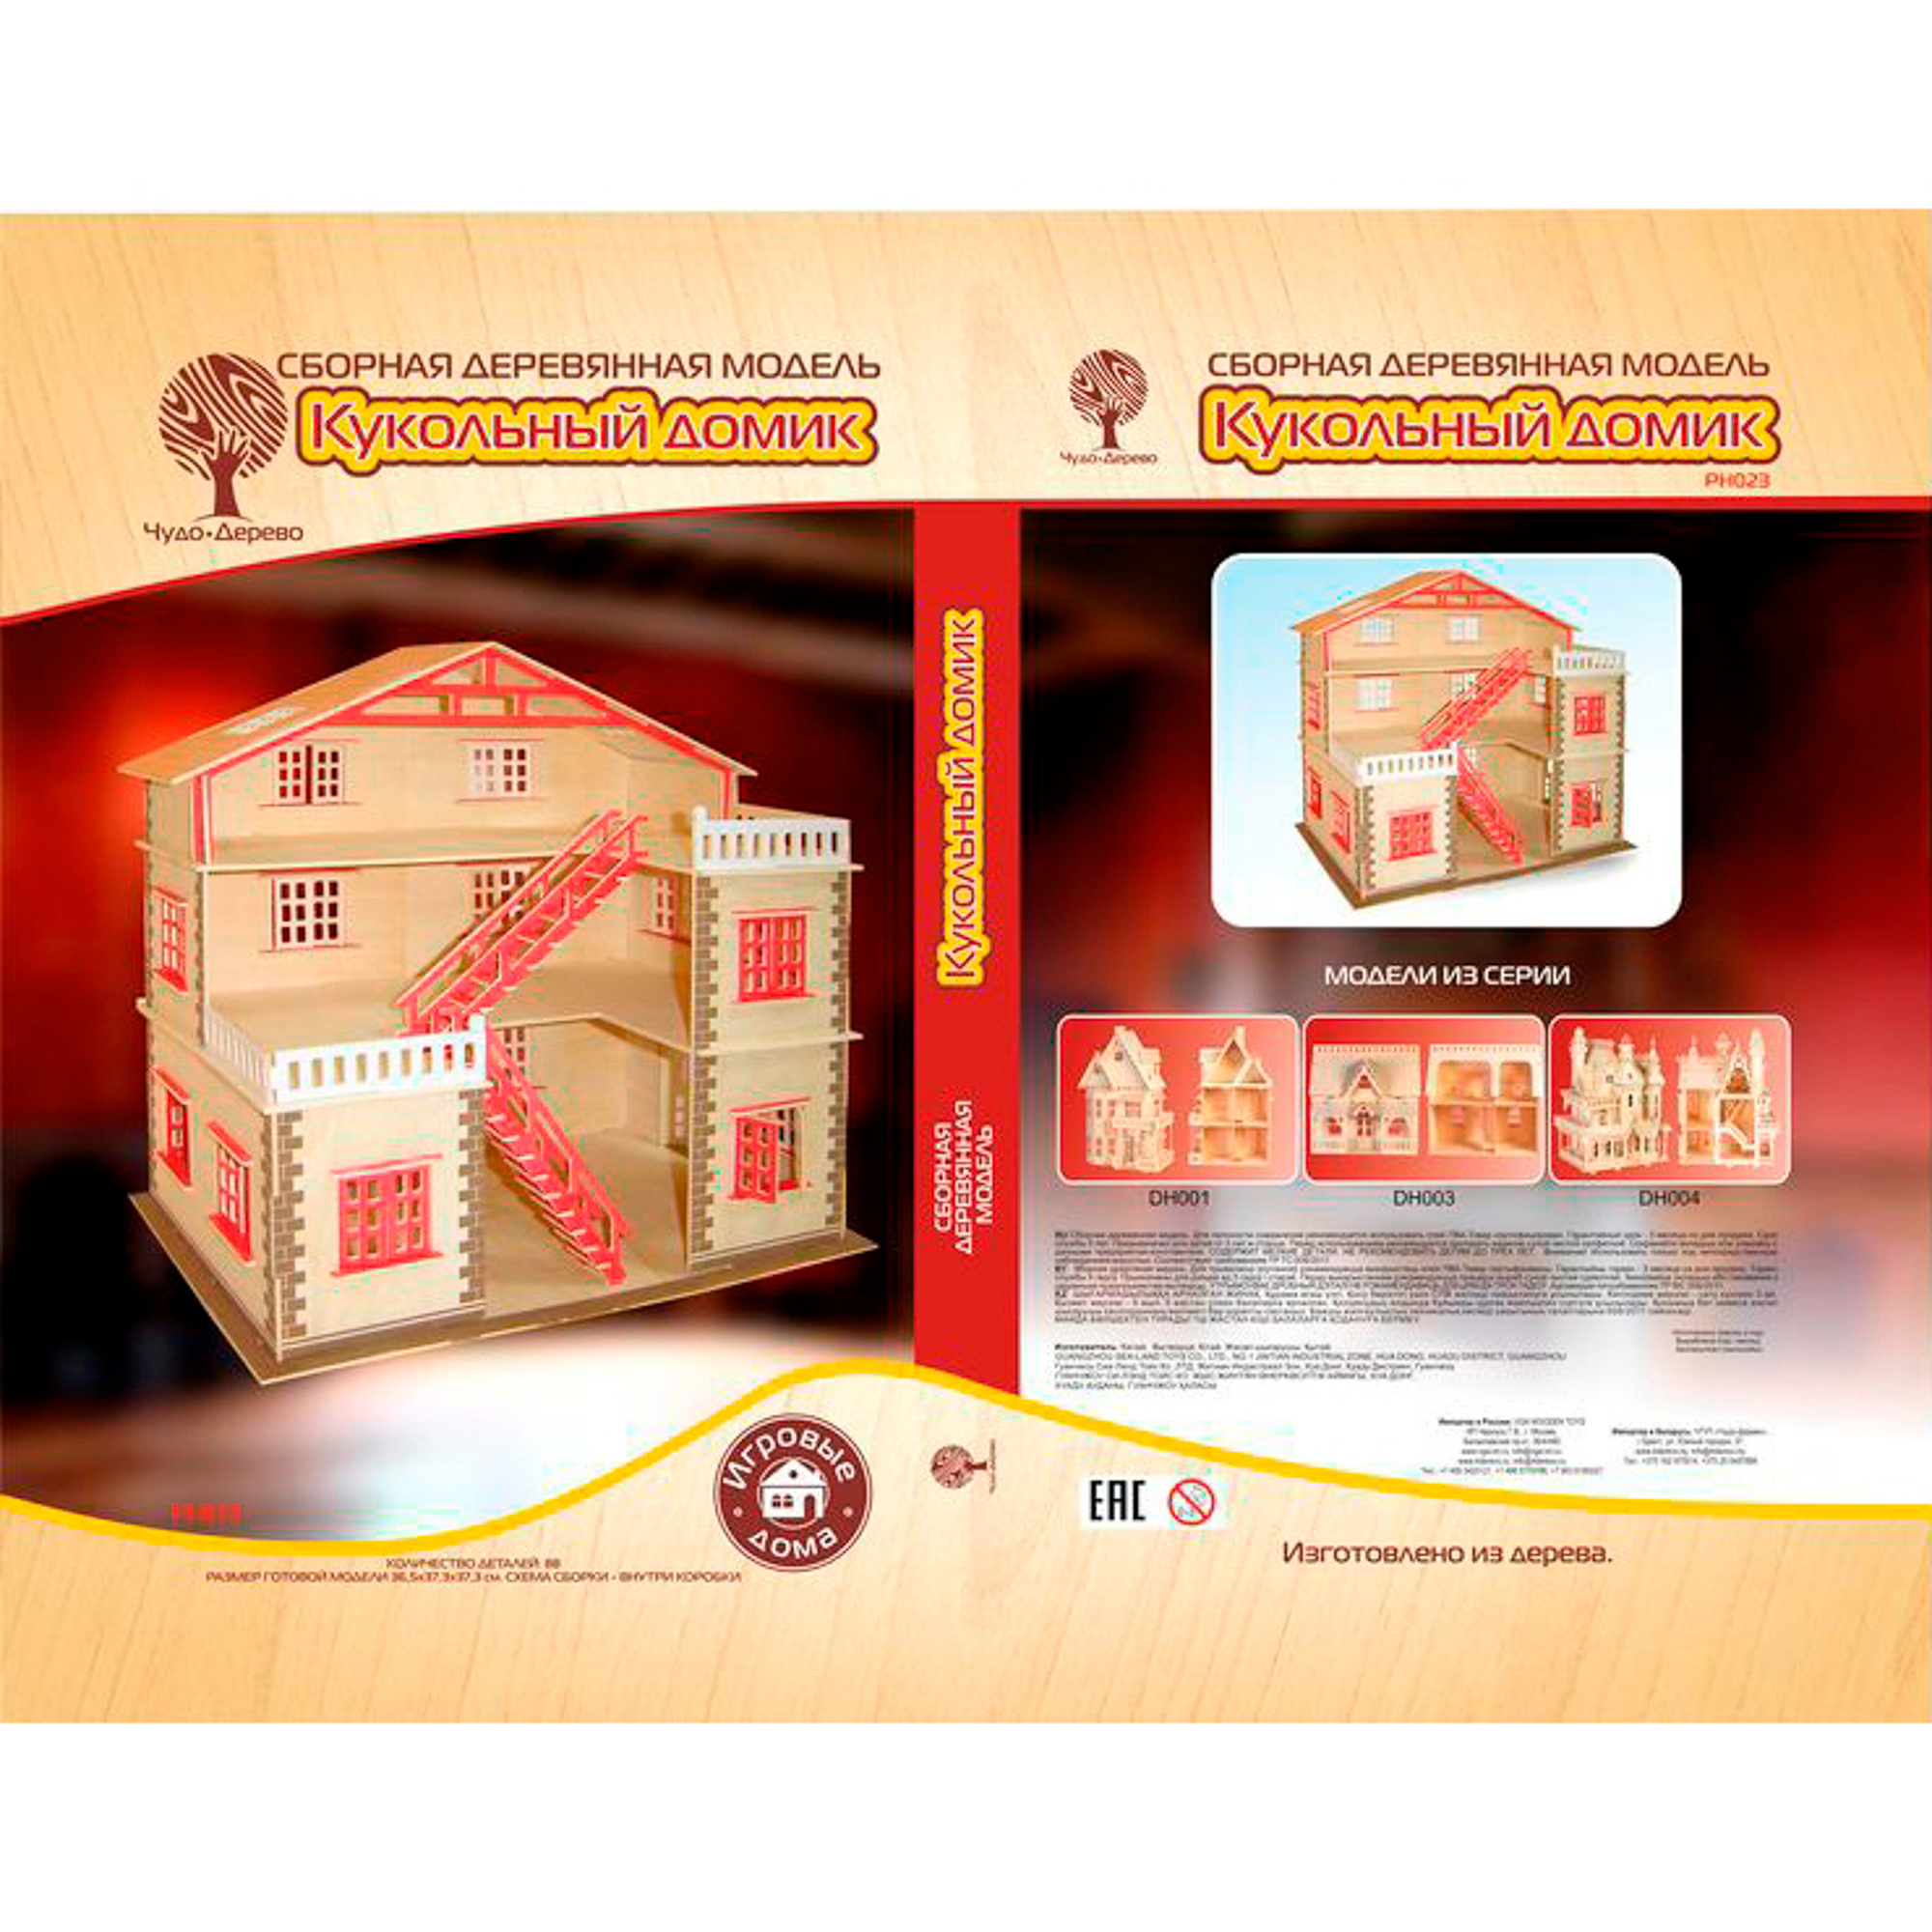 Купить Конструктор Wooden Toys Кукольный домик, Китай, дерево, для девочек, Конструкторы, пазлы